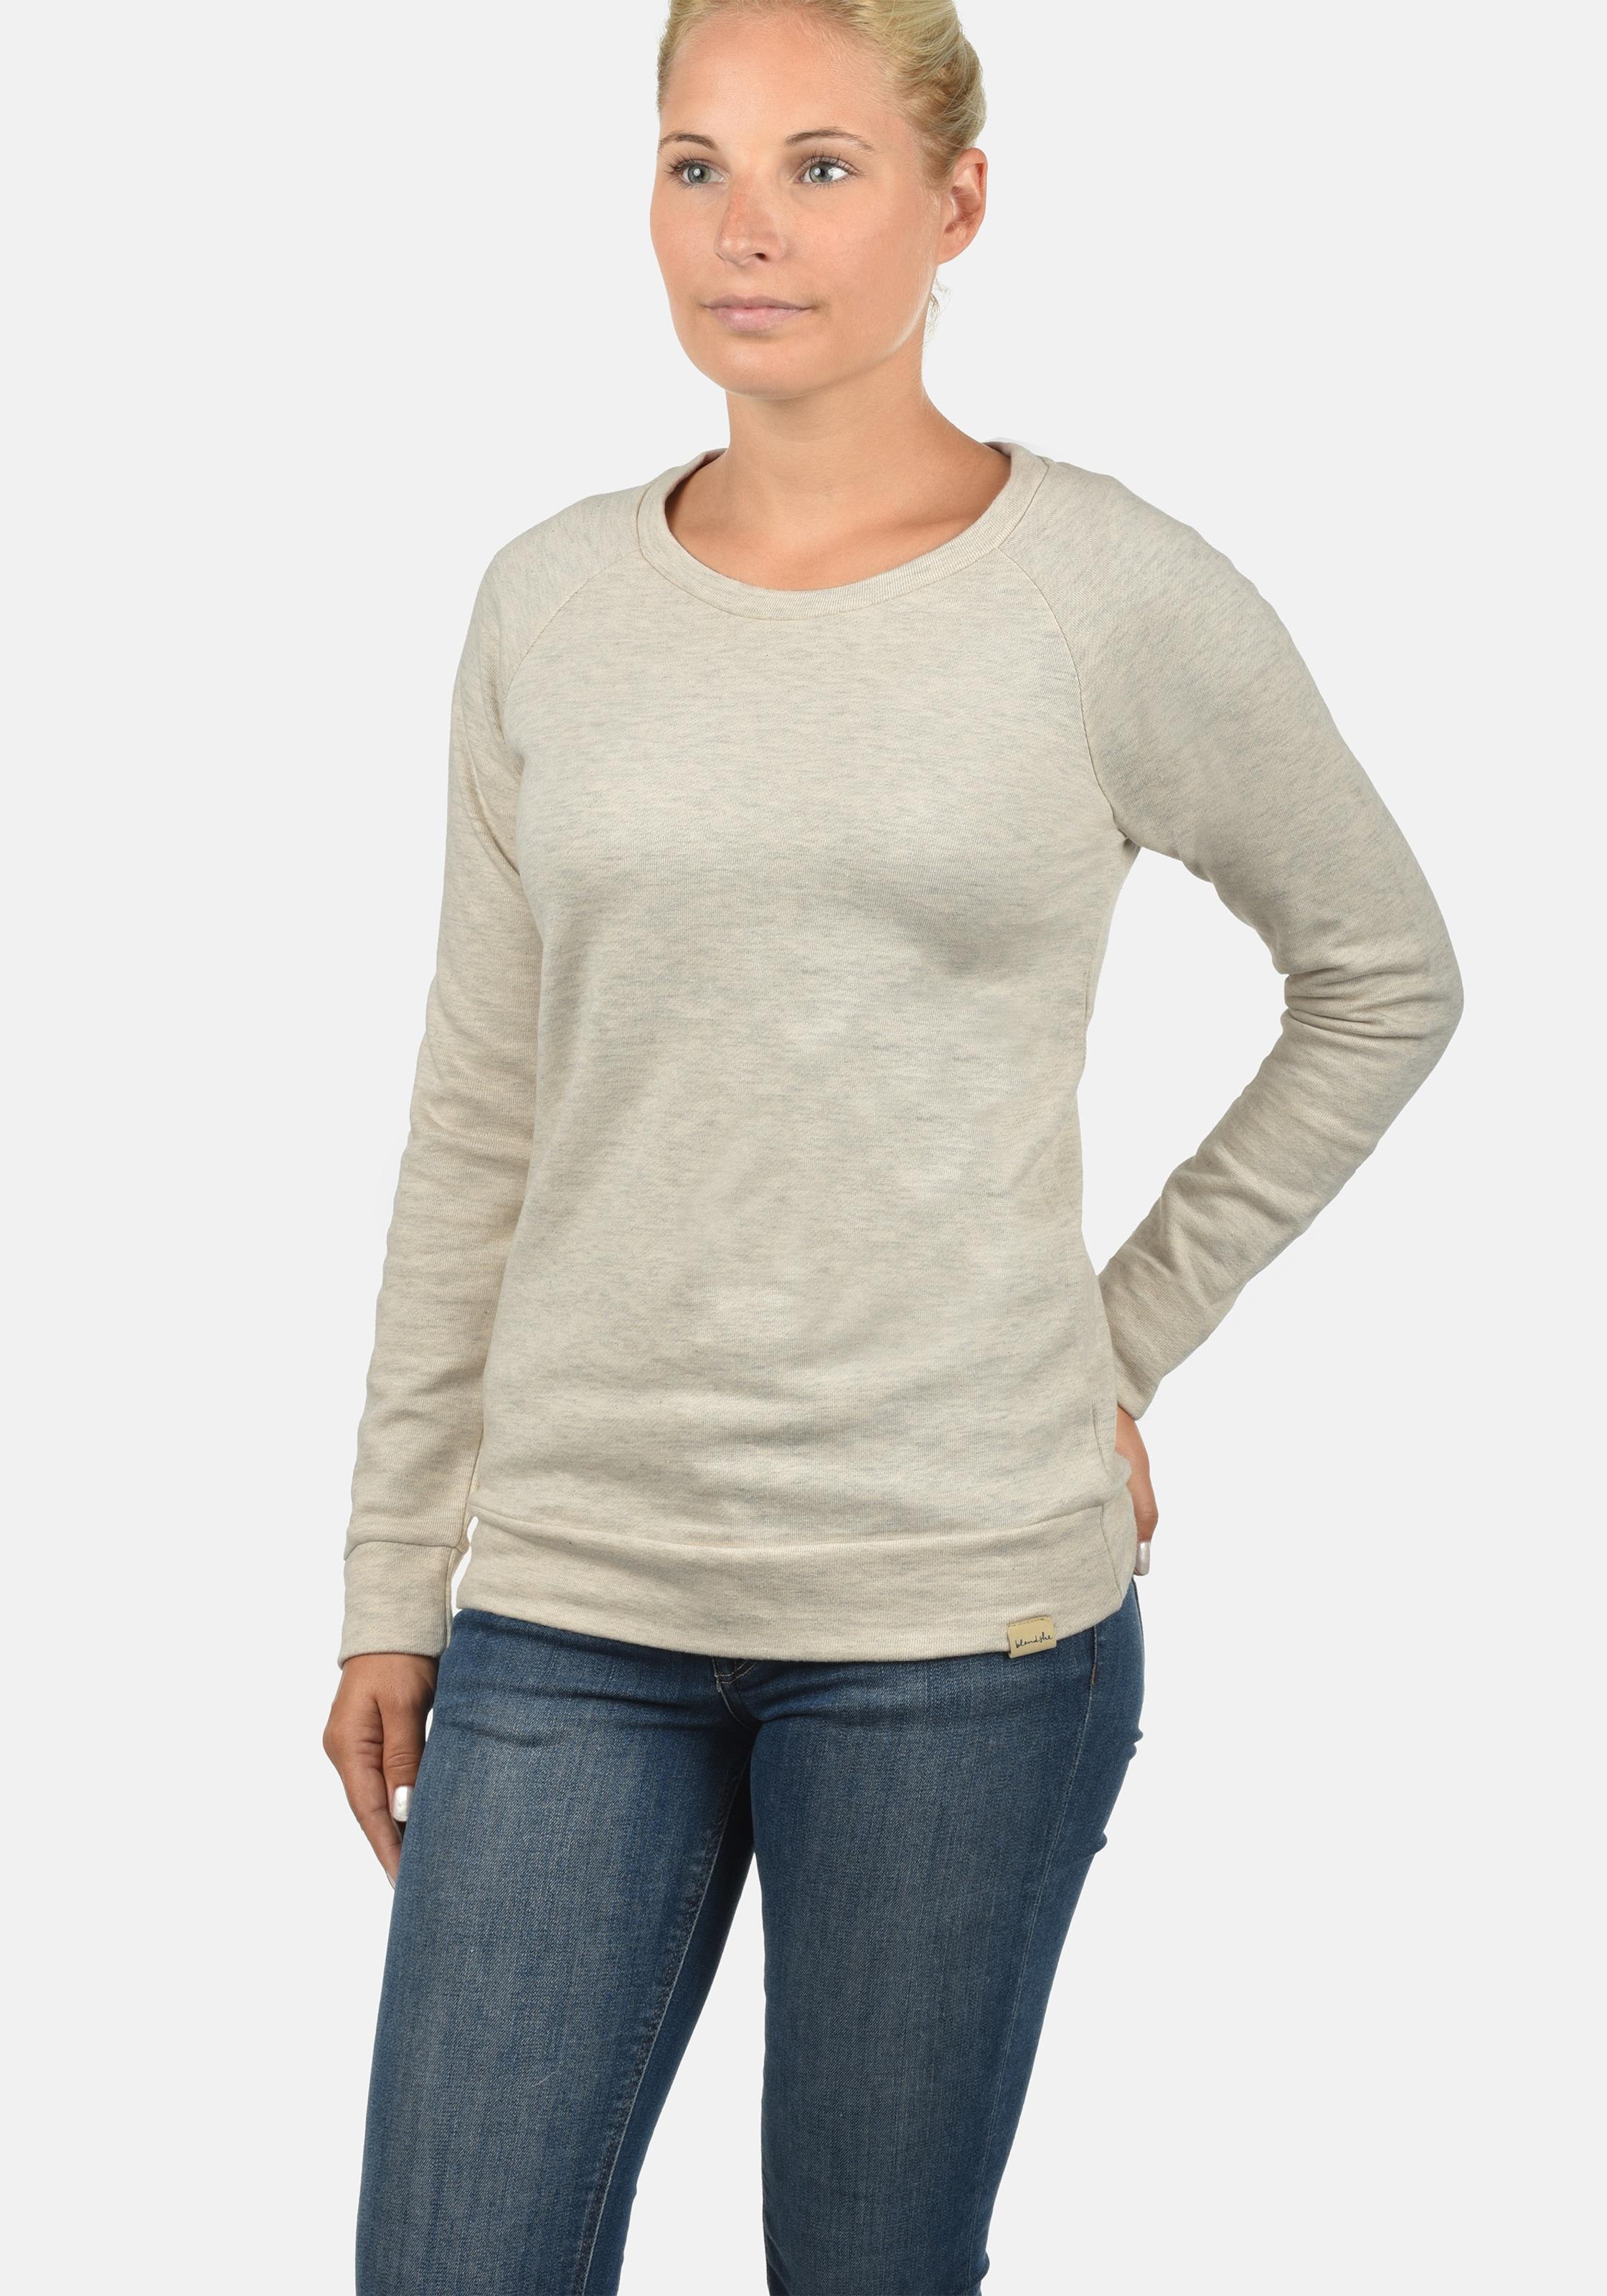 'kim' She Sweatshirt Beige Blend In wOTiPZukX